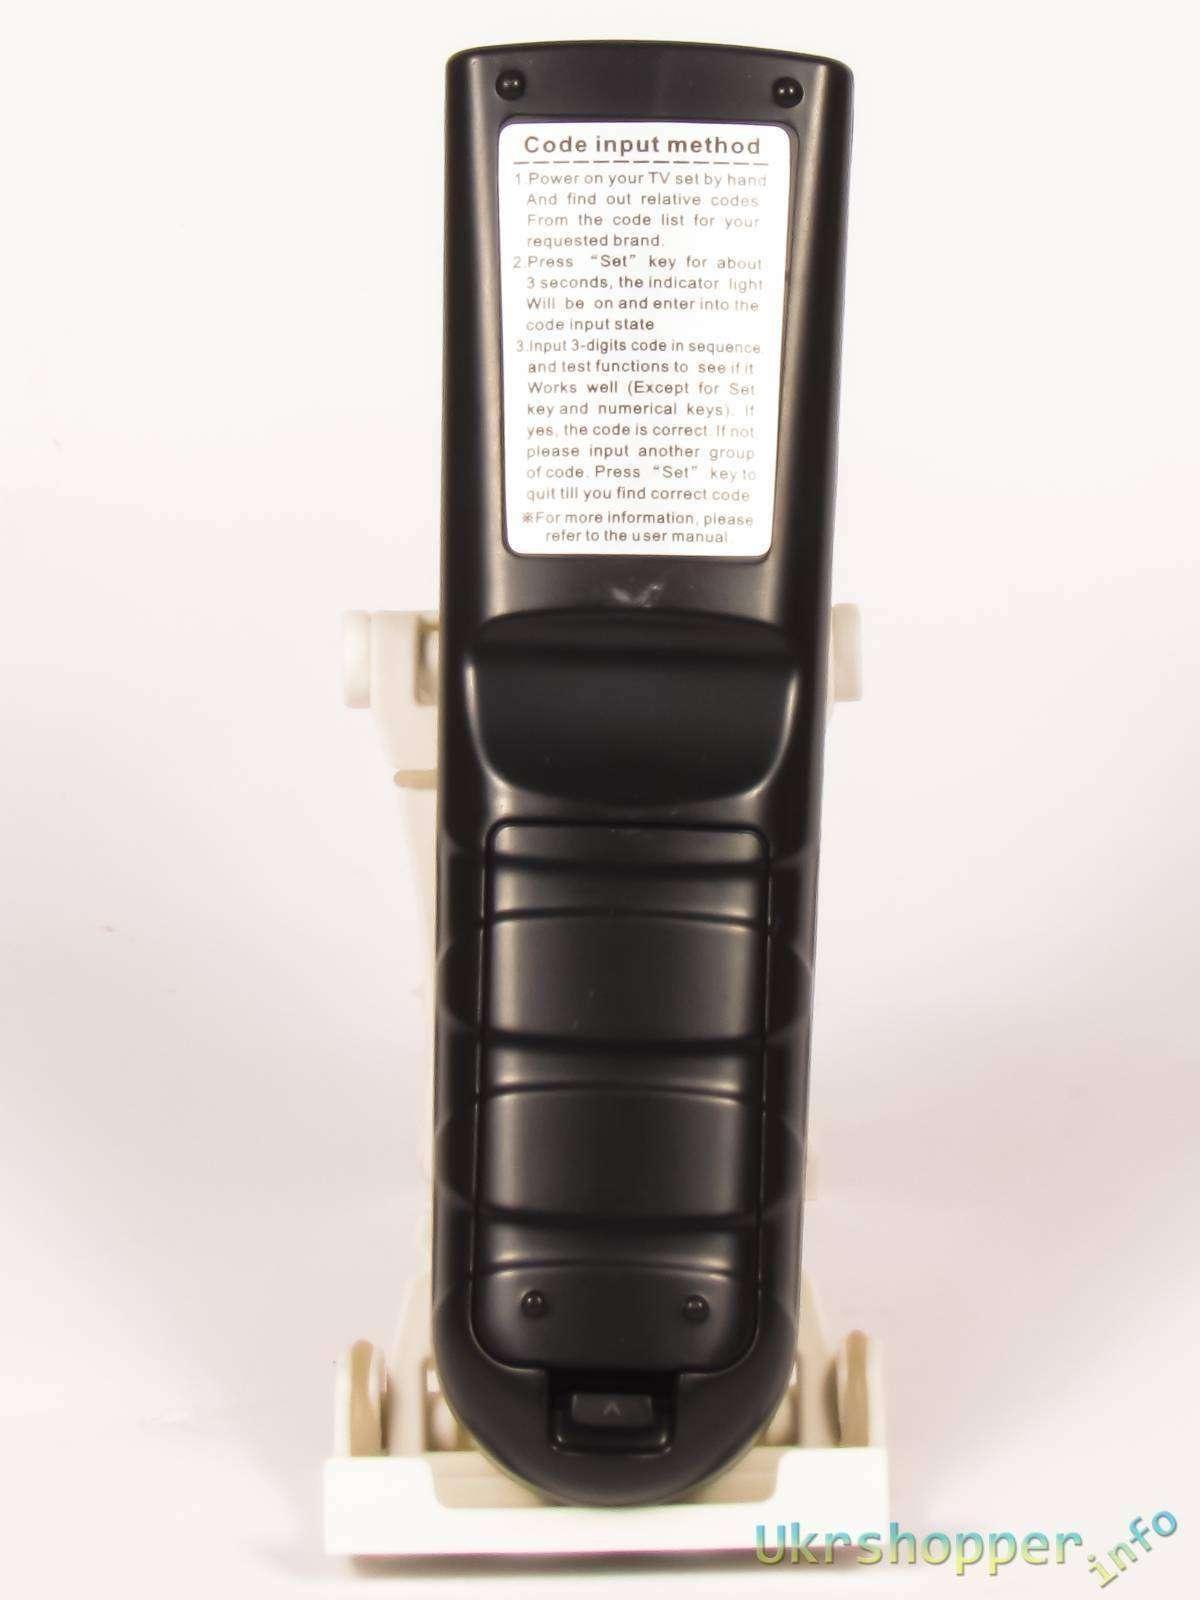 Banggood: Универсальный пульт ДУ Chunghop RM-139EX для телевизоров